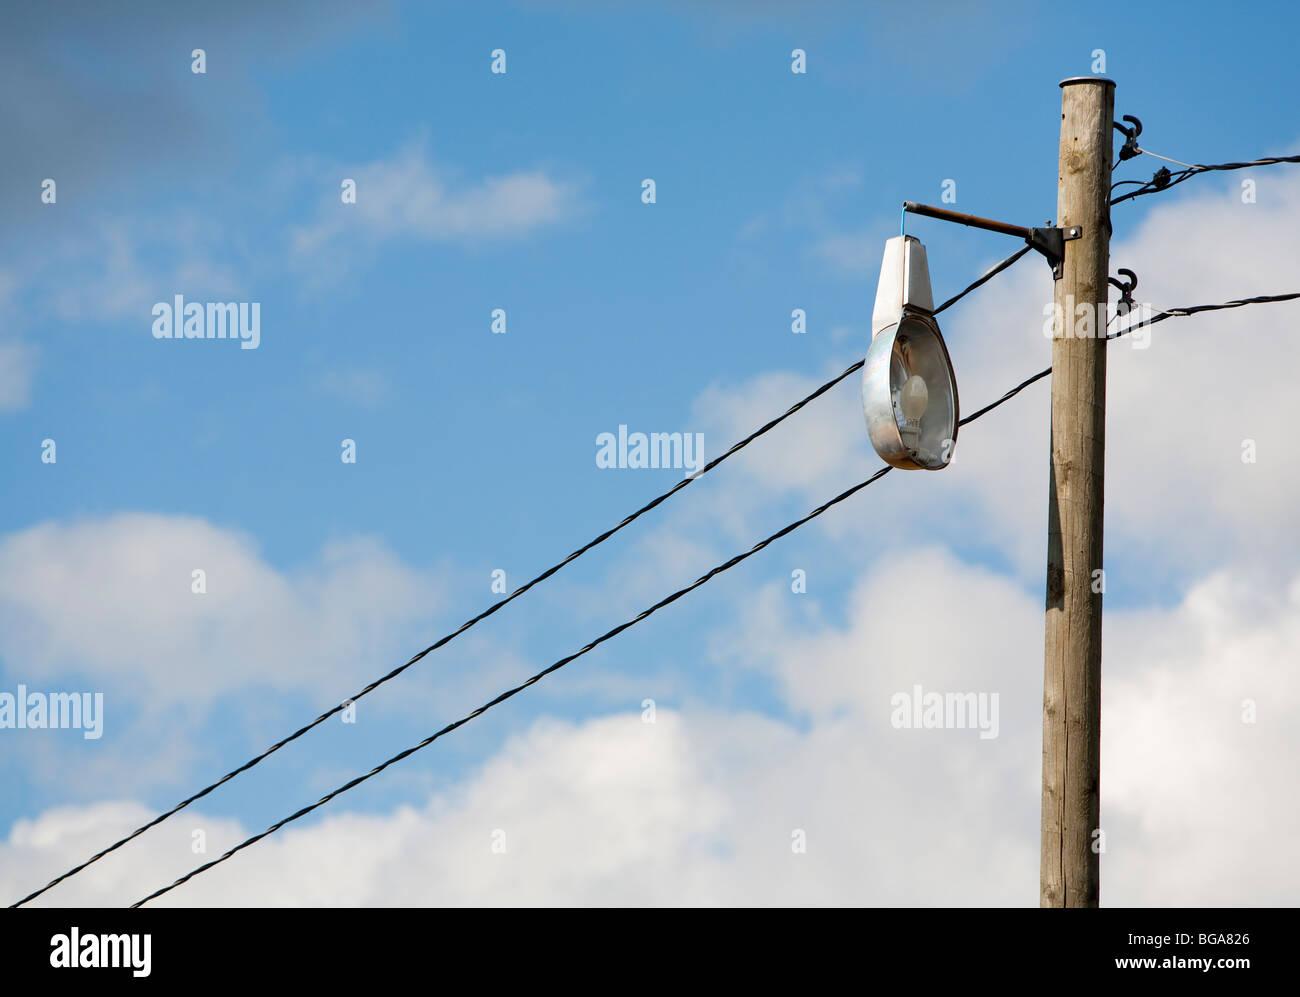 Broken Street Lamp Stock Photos & Broken Street Lamp Stock Images ...